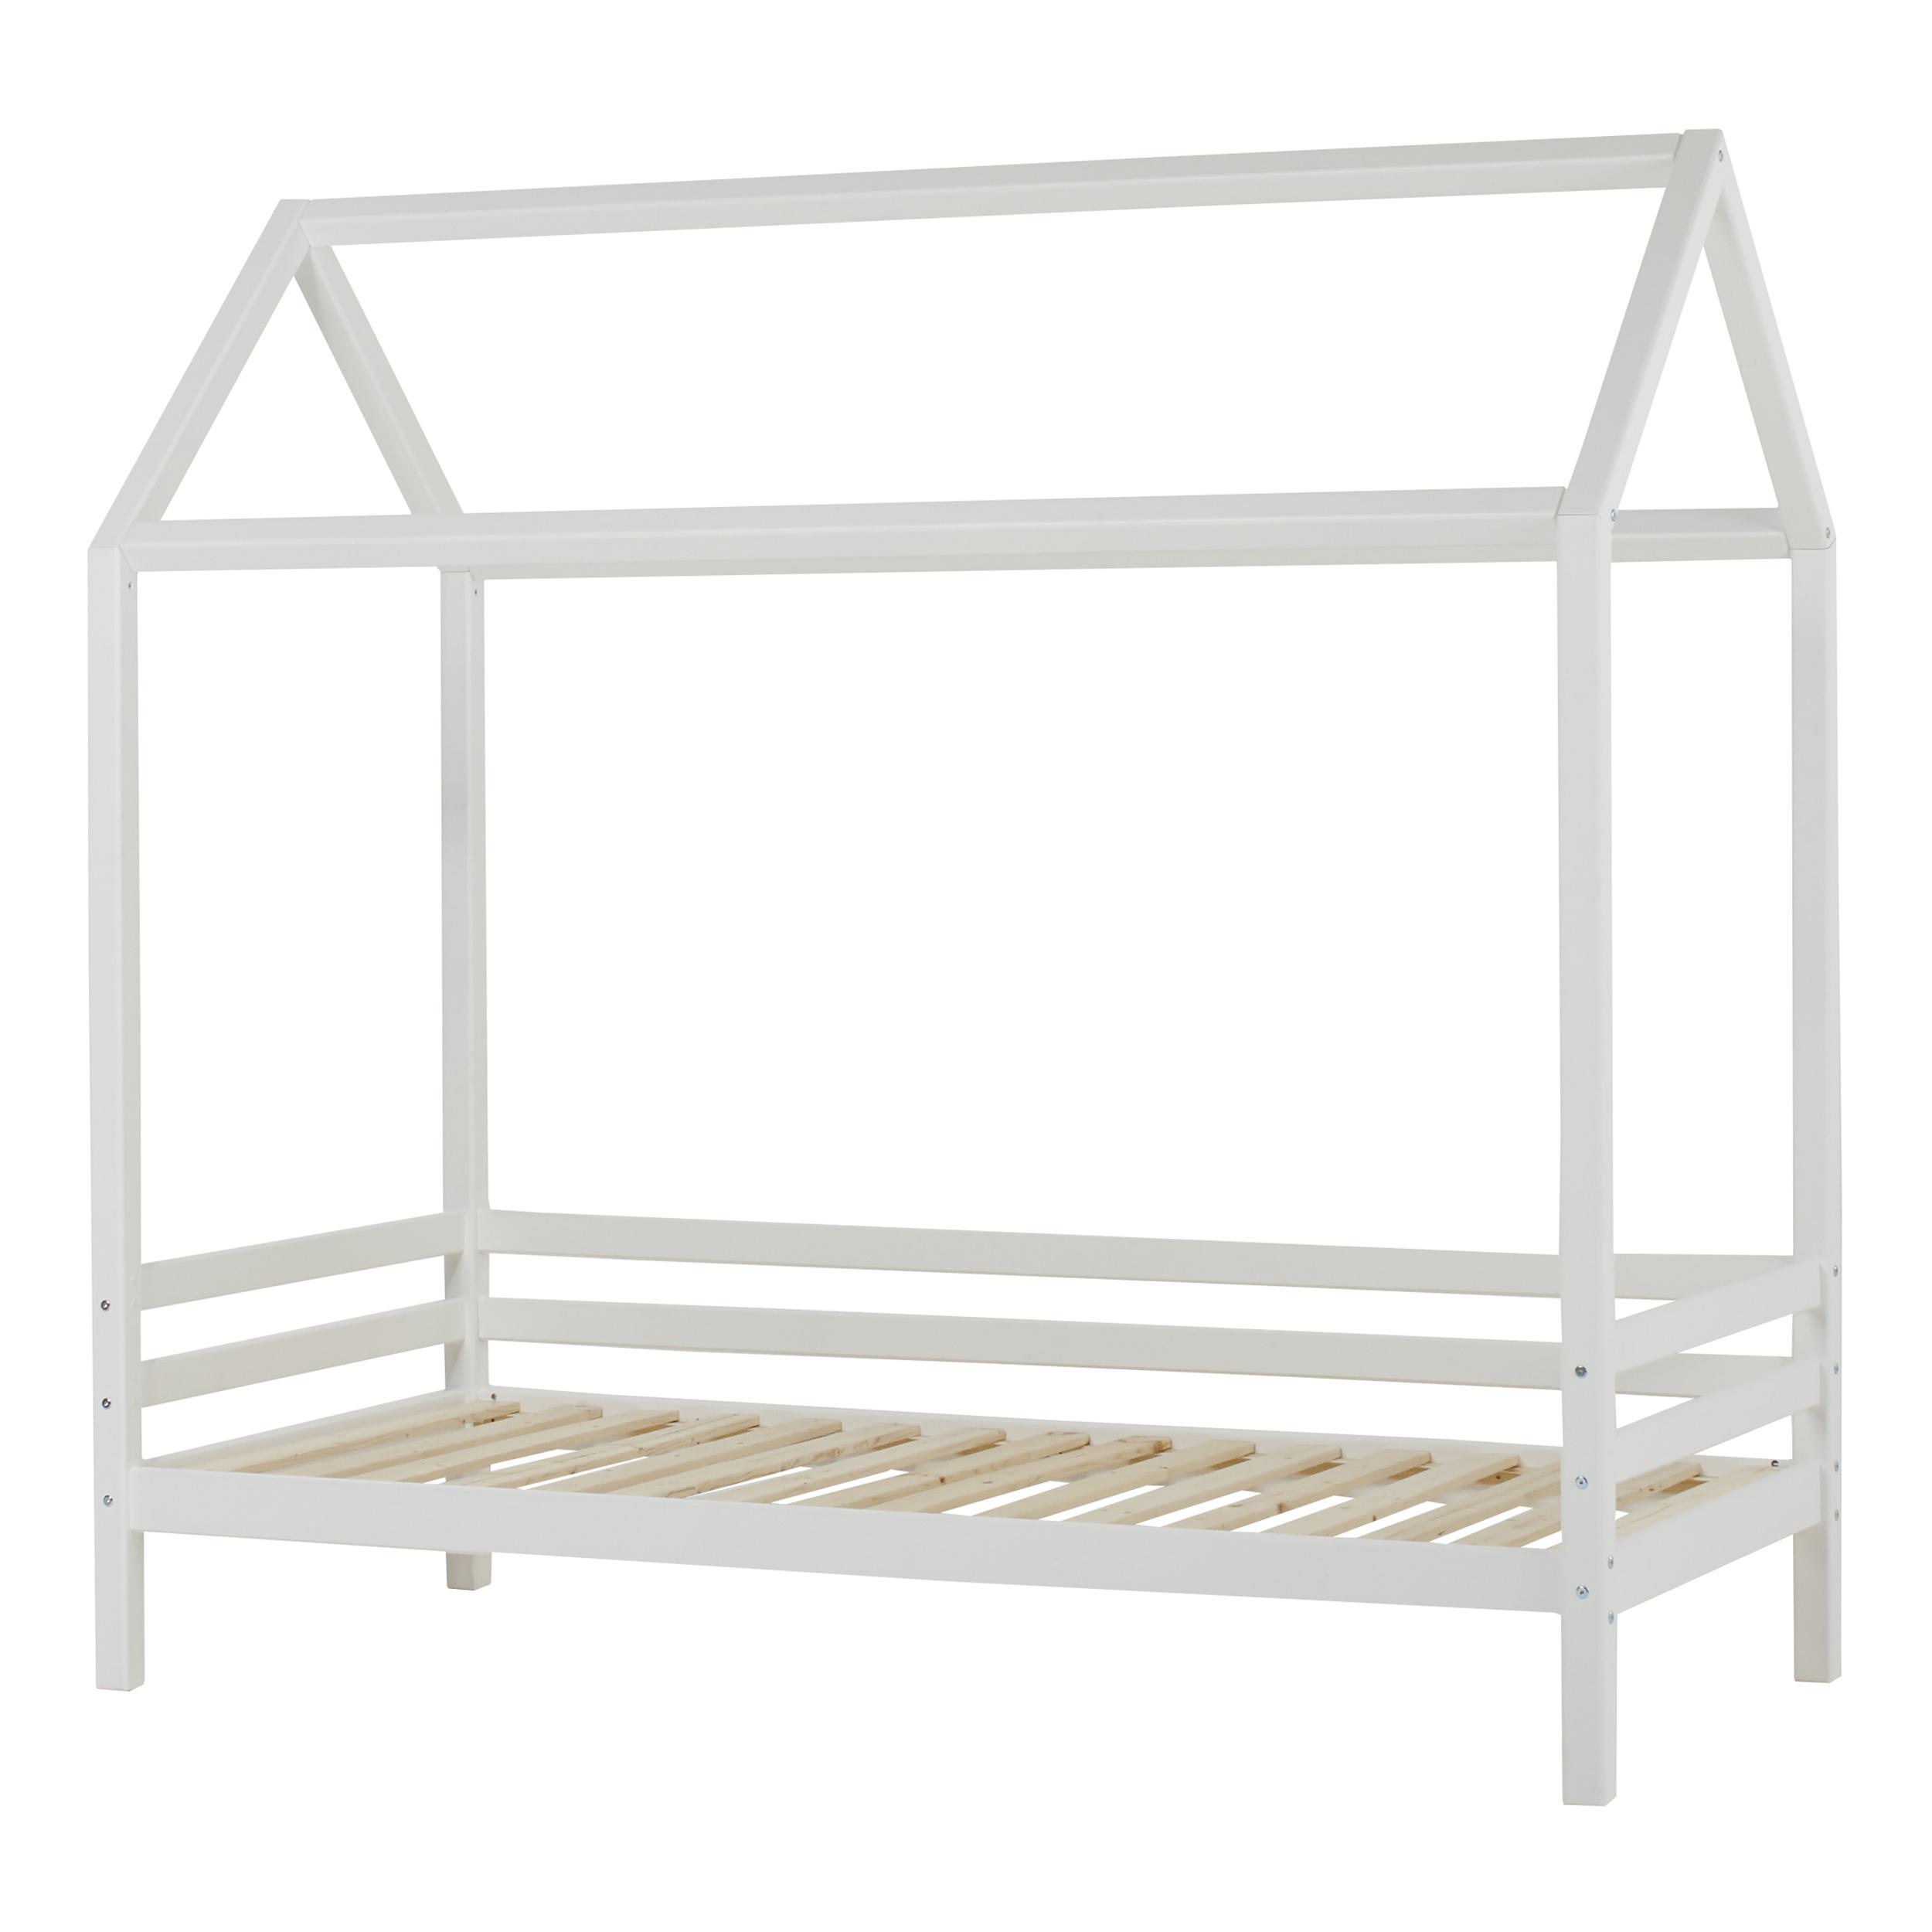 Hoppekids - BASIC House bed 90 x 200 cm - White